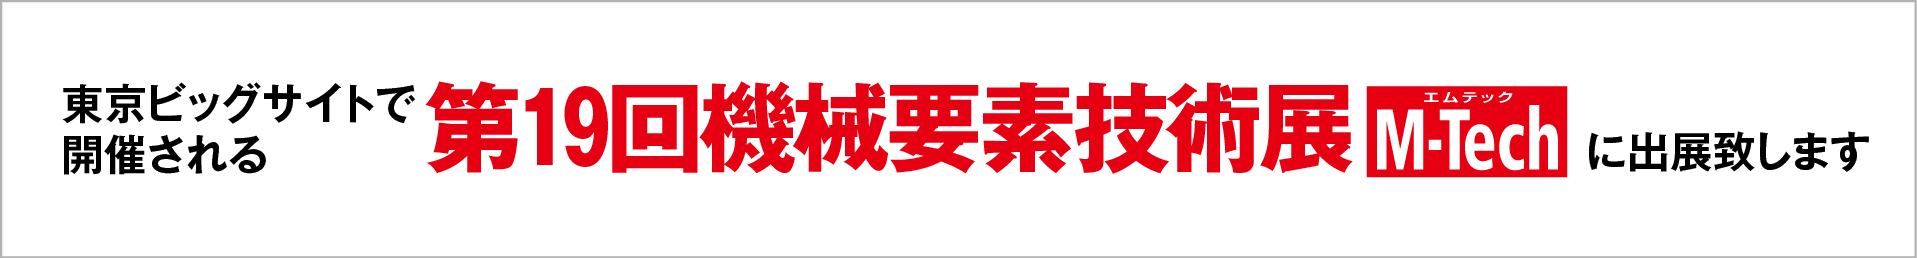 news_kikaiyouso.jpg